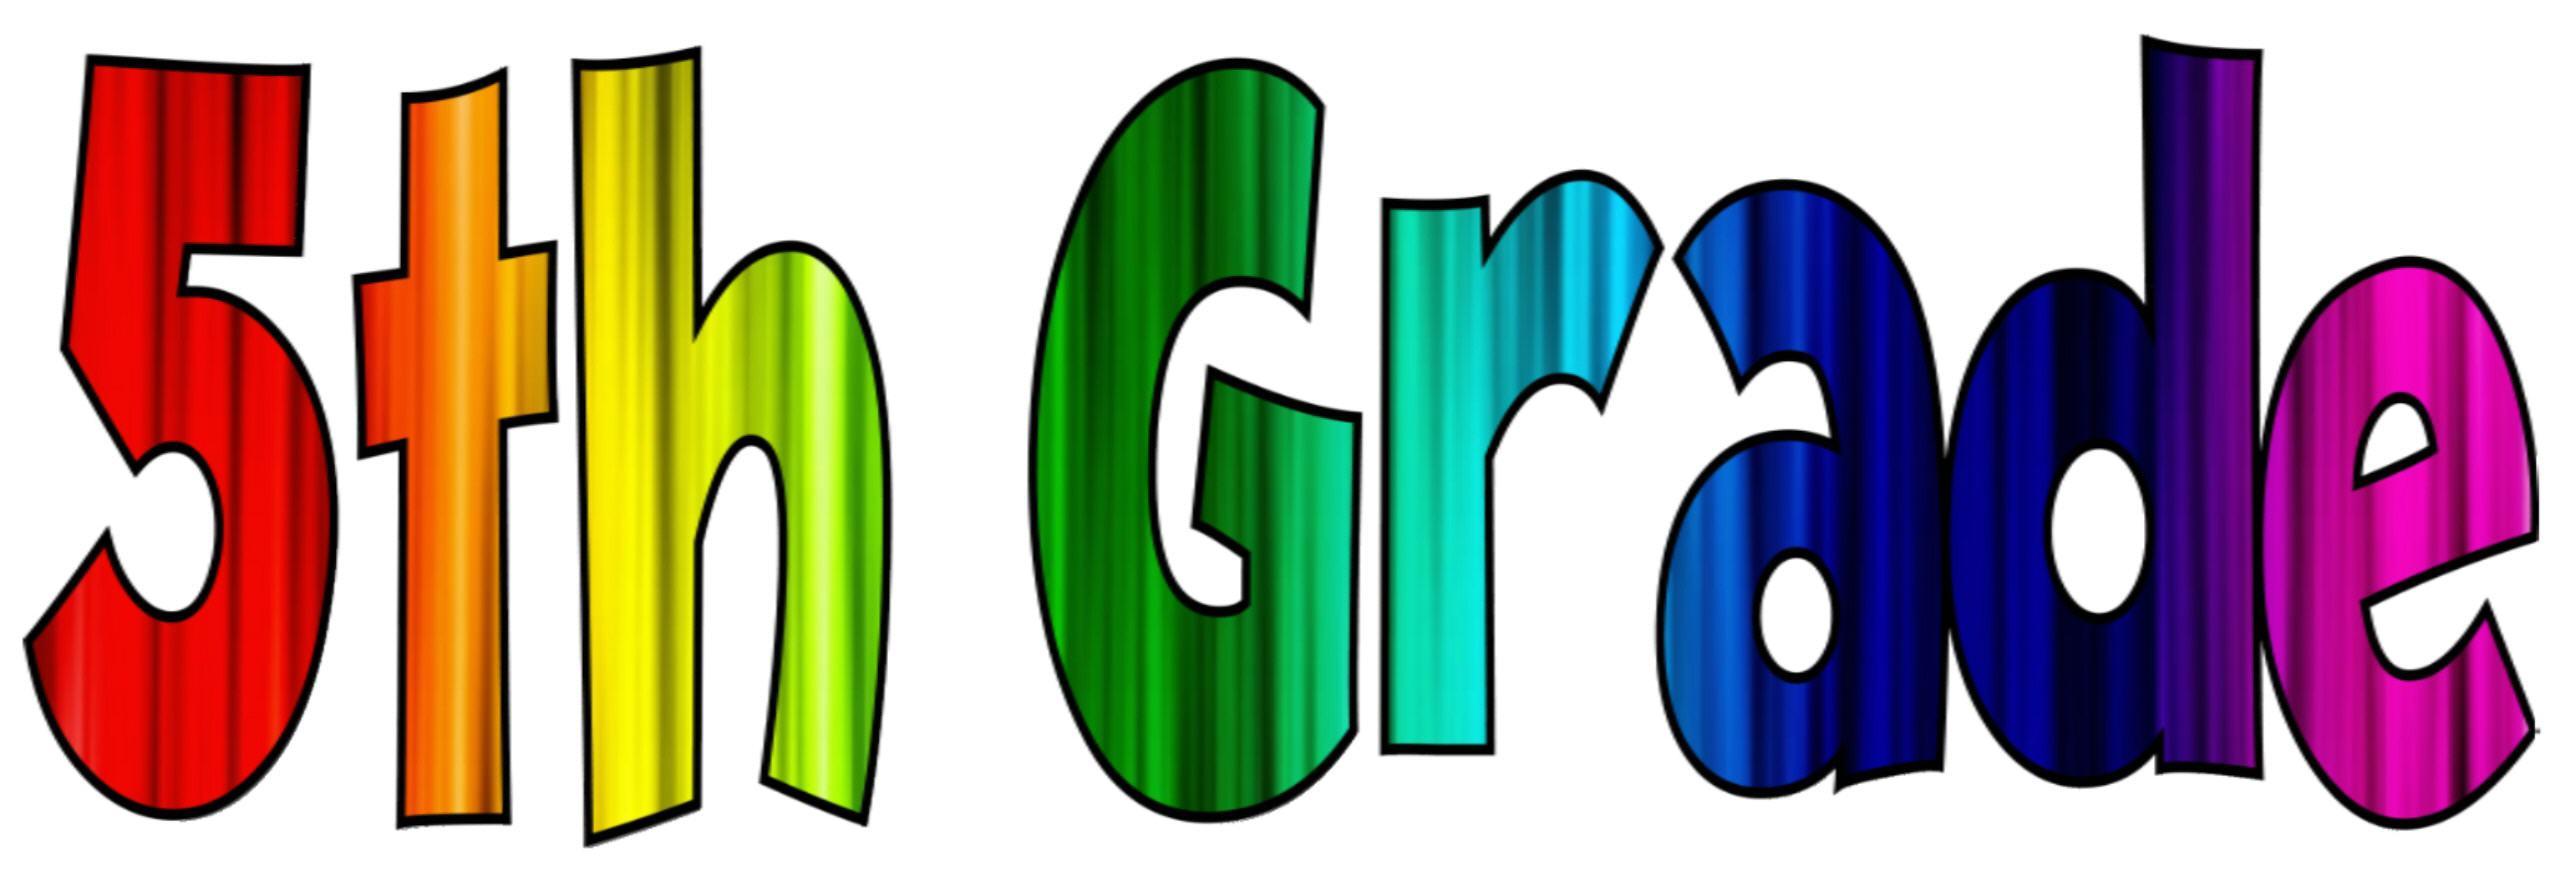 Free 5th Grade Cliparts Download Free Clip Art Free Clip